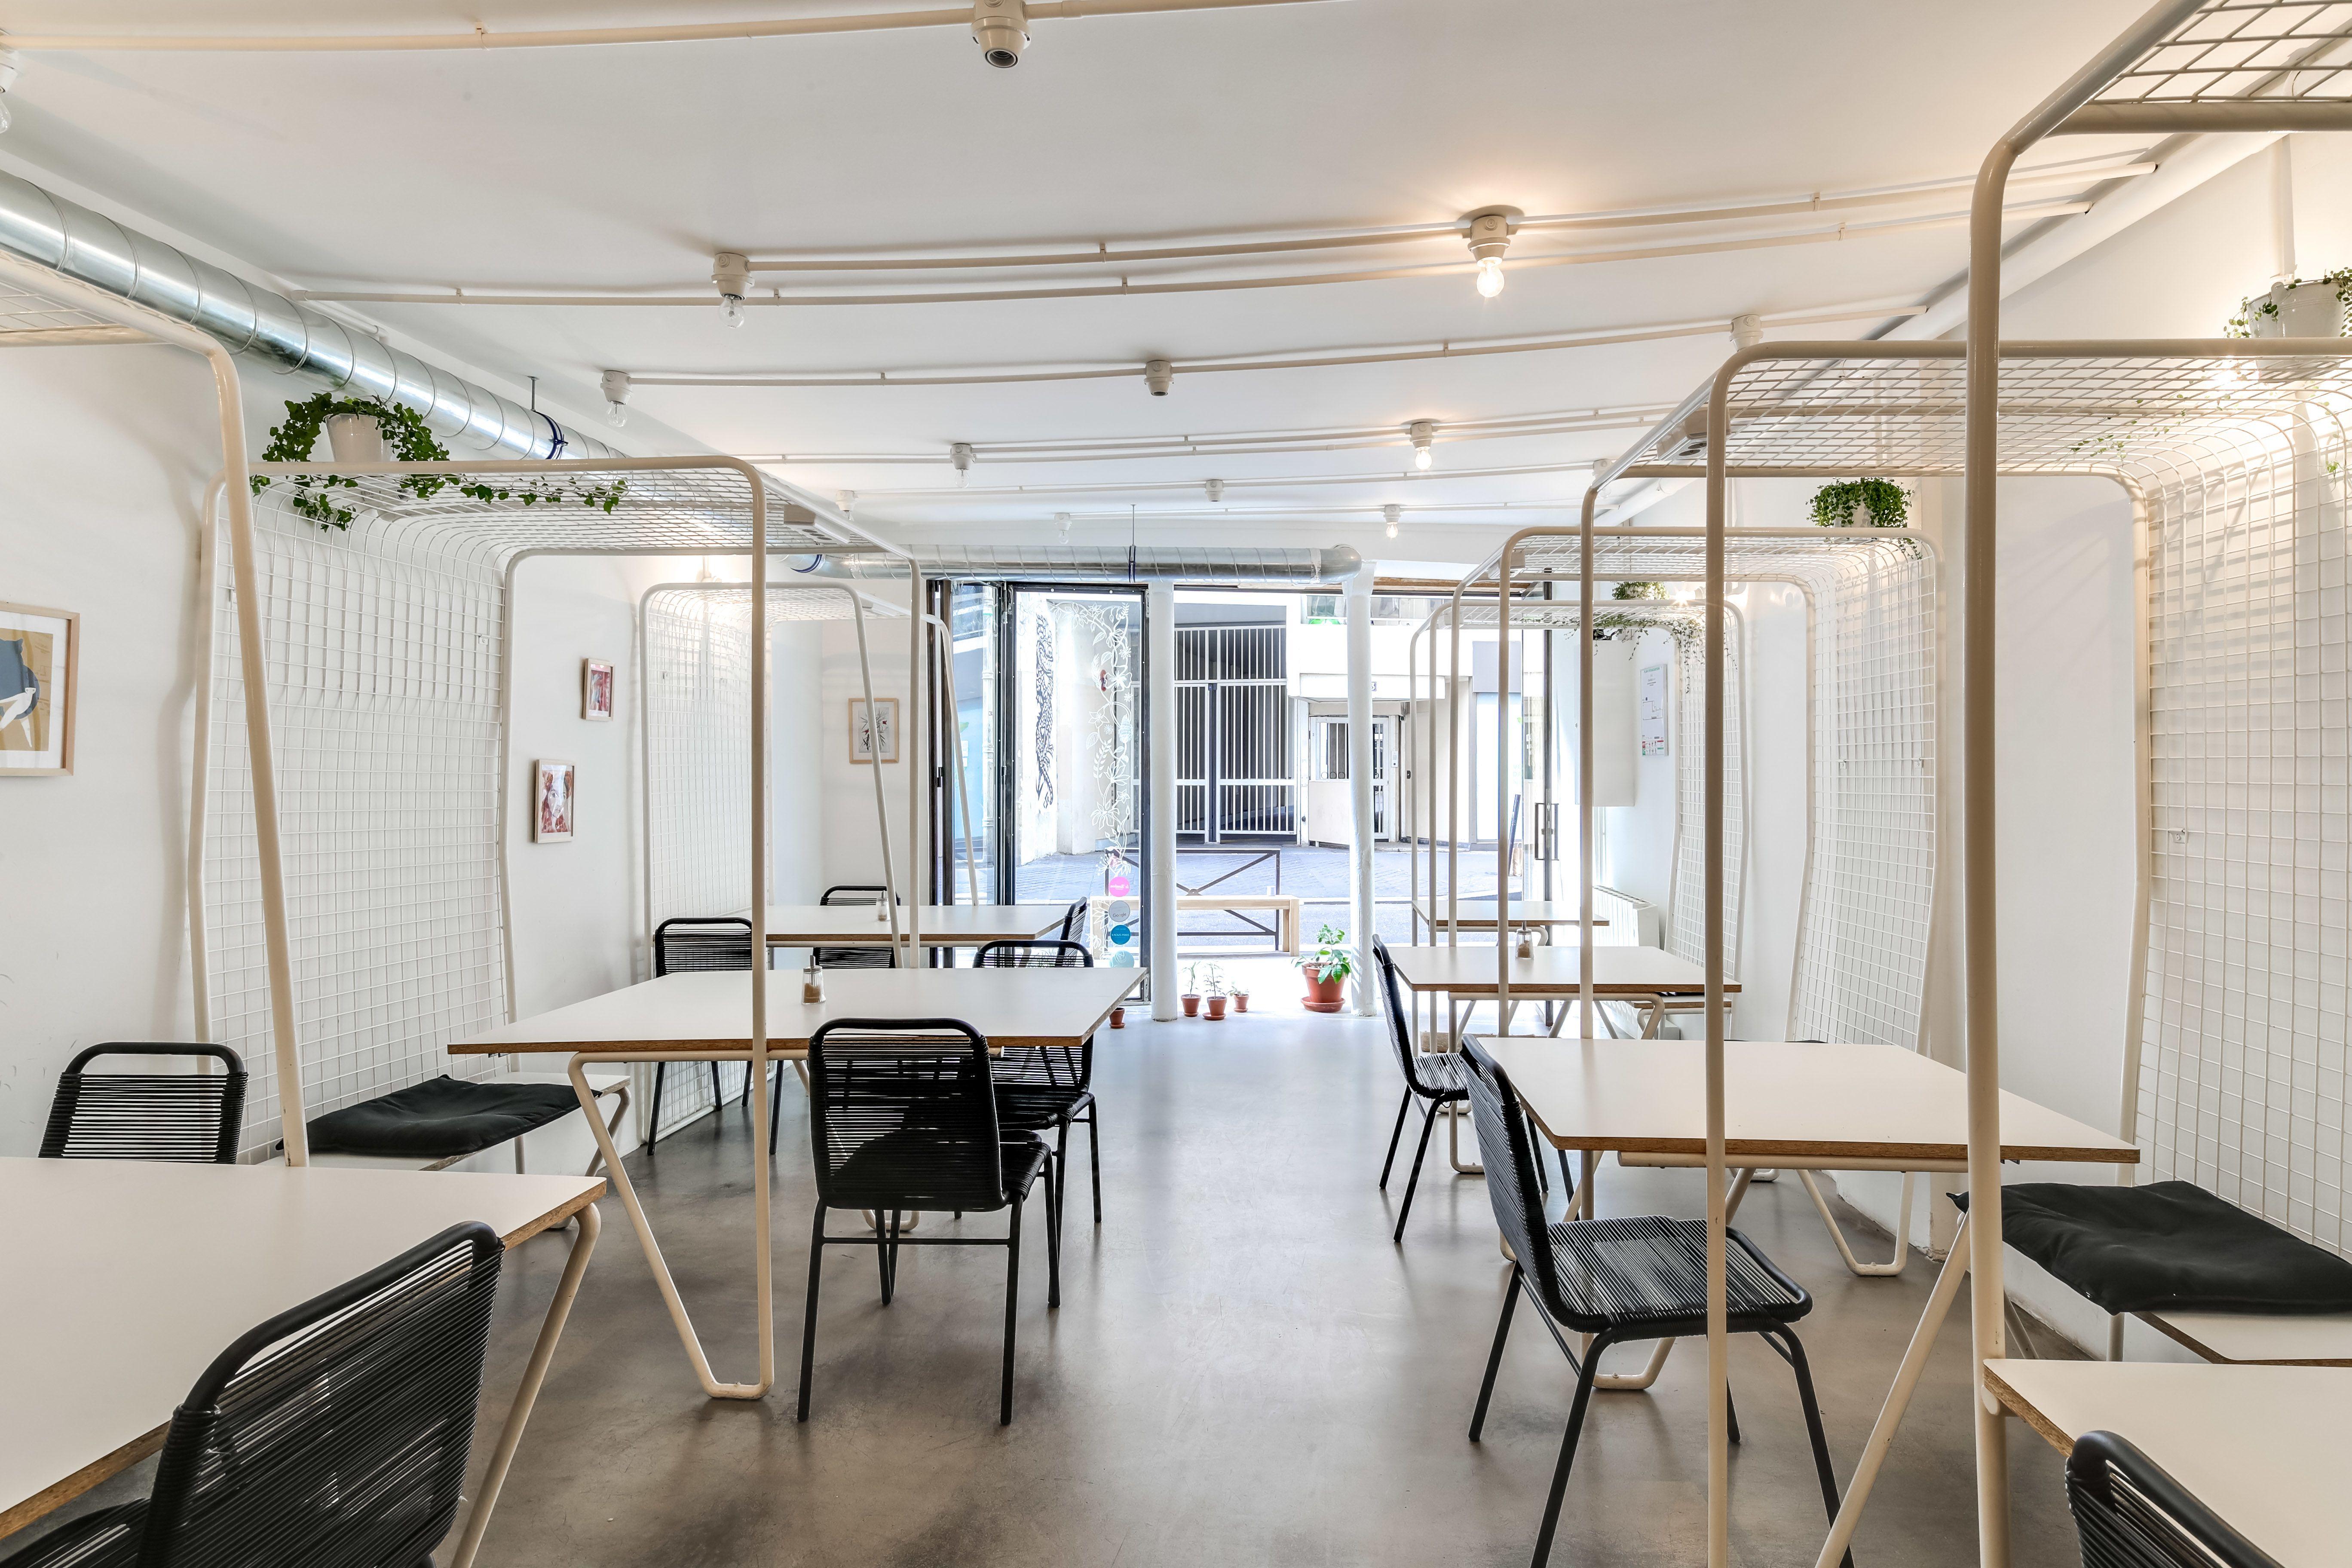 espace partagé d'une capacité de 18 personnes à paris